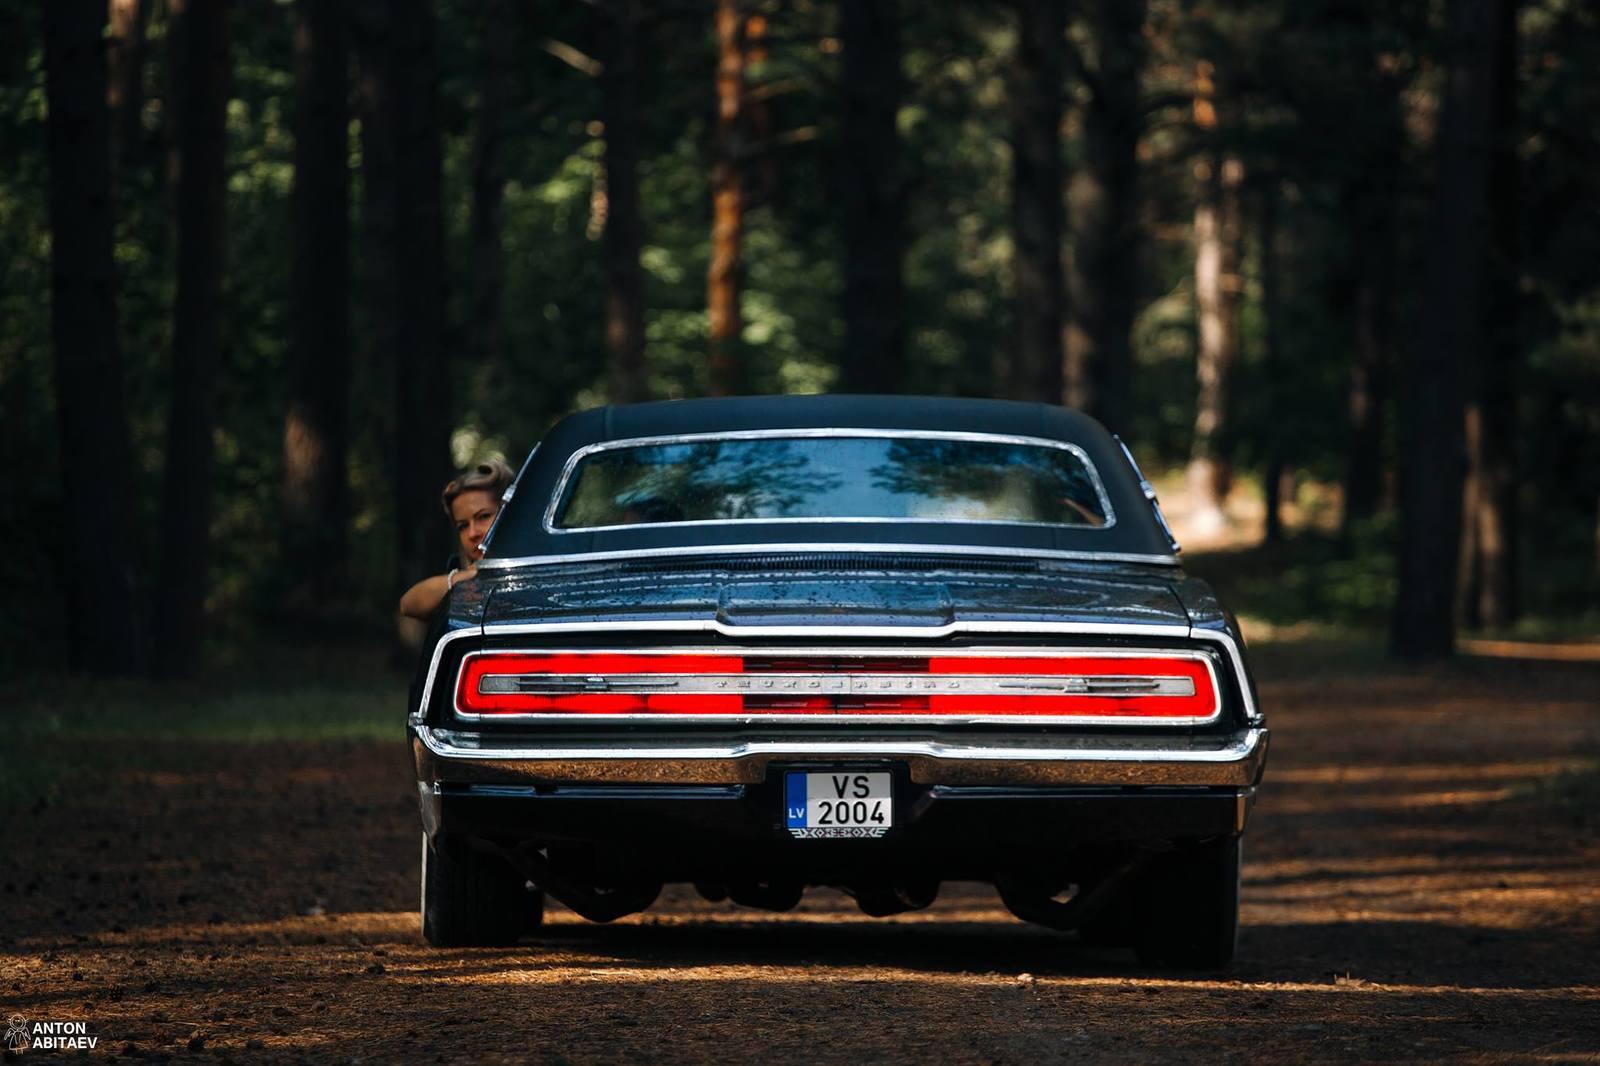 Реставрация автомобиля Ford Thunderbird 67 изоражения